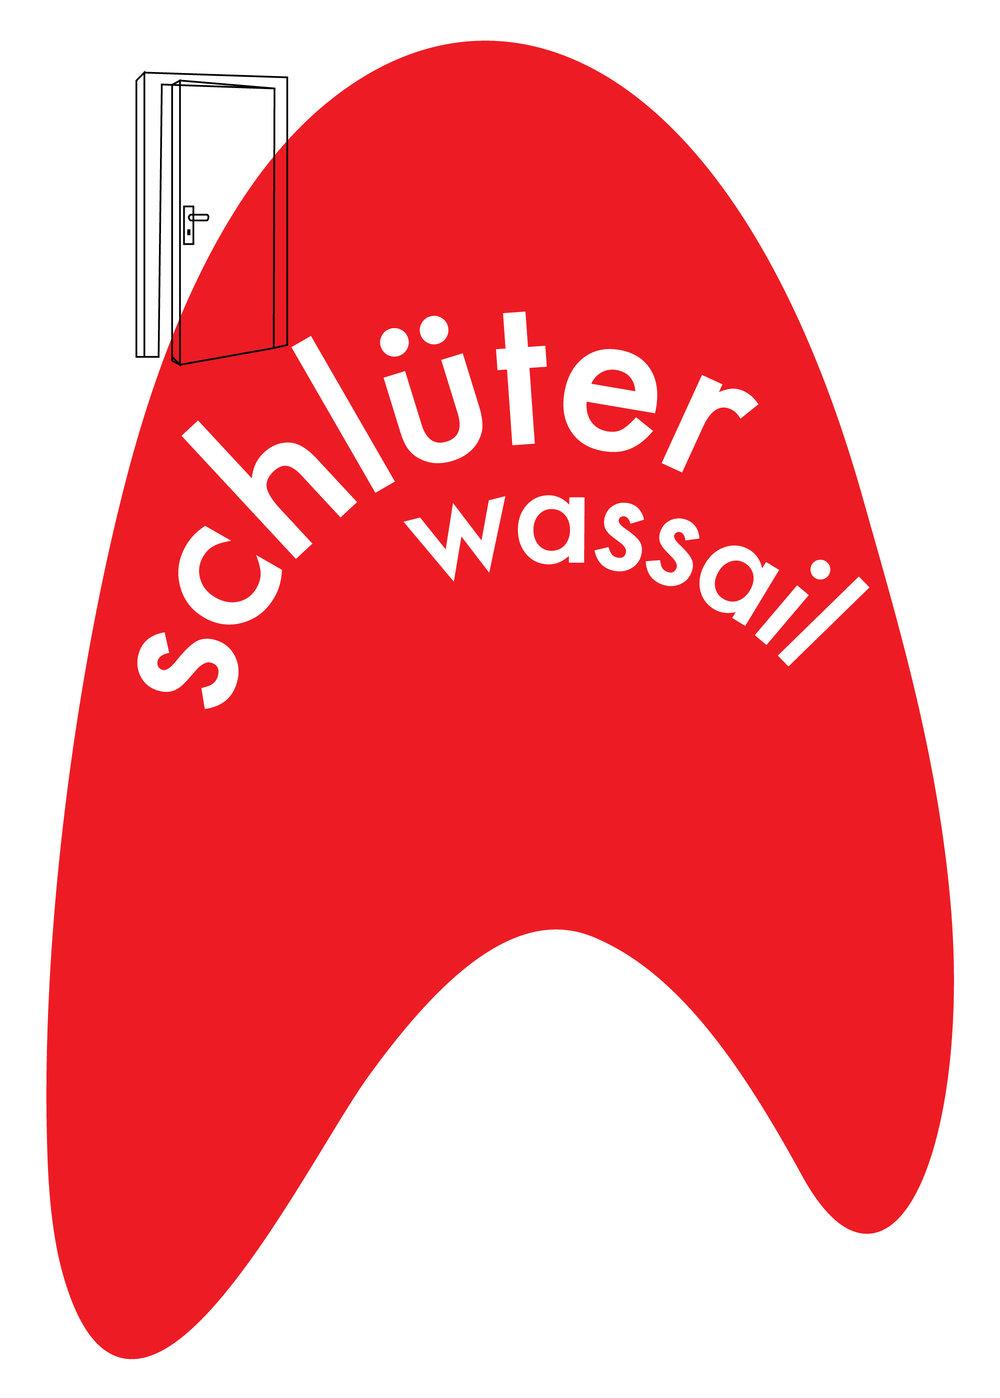 Schlüter Wassail Logo